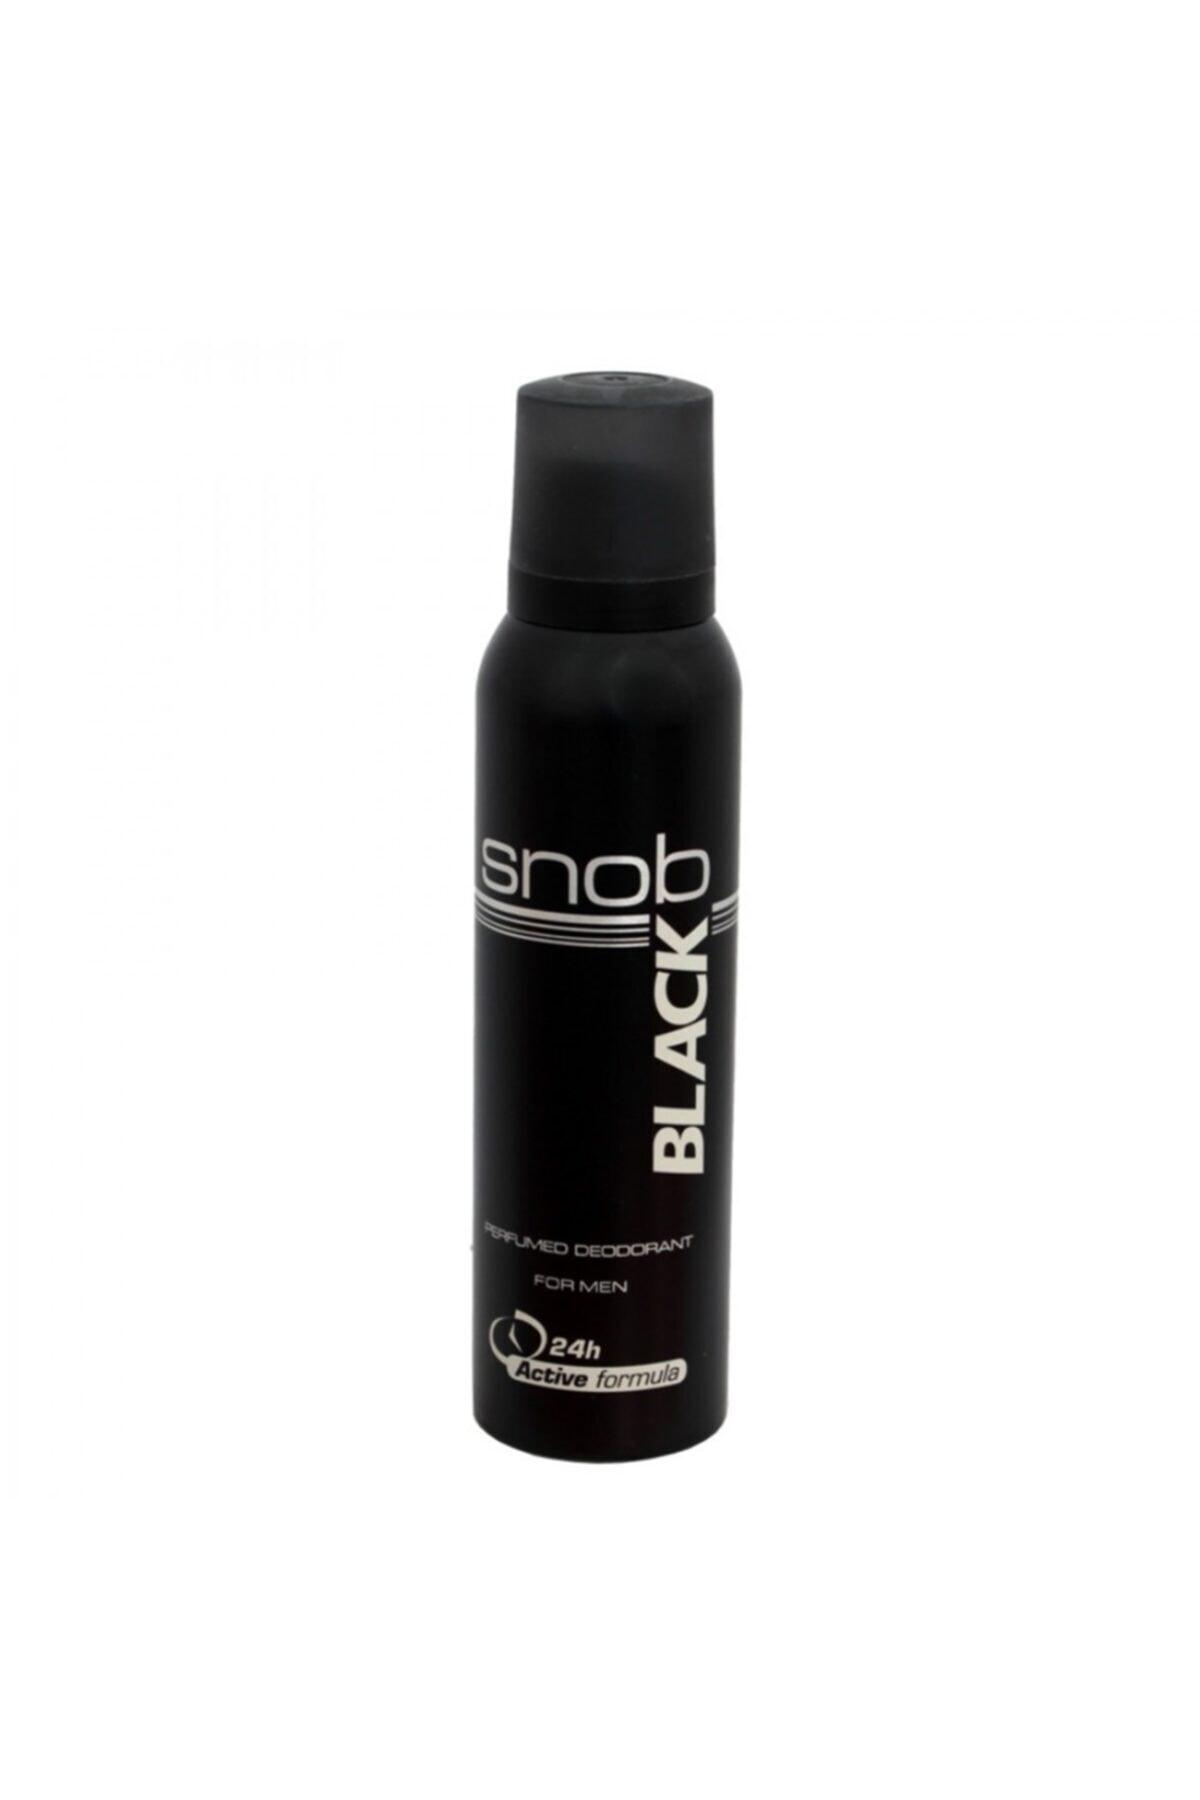 Snob For Men Black Deodorant 150ml 1